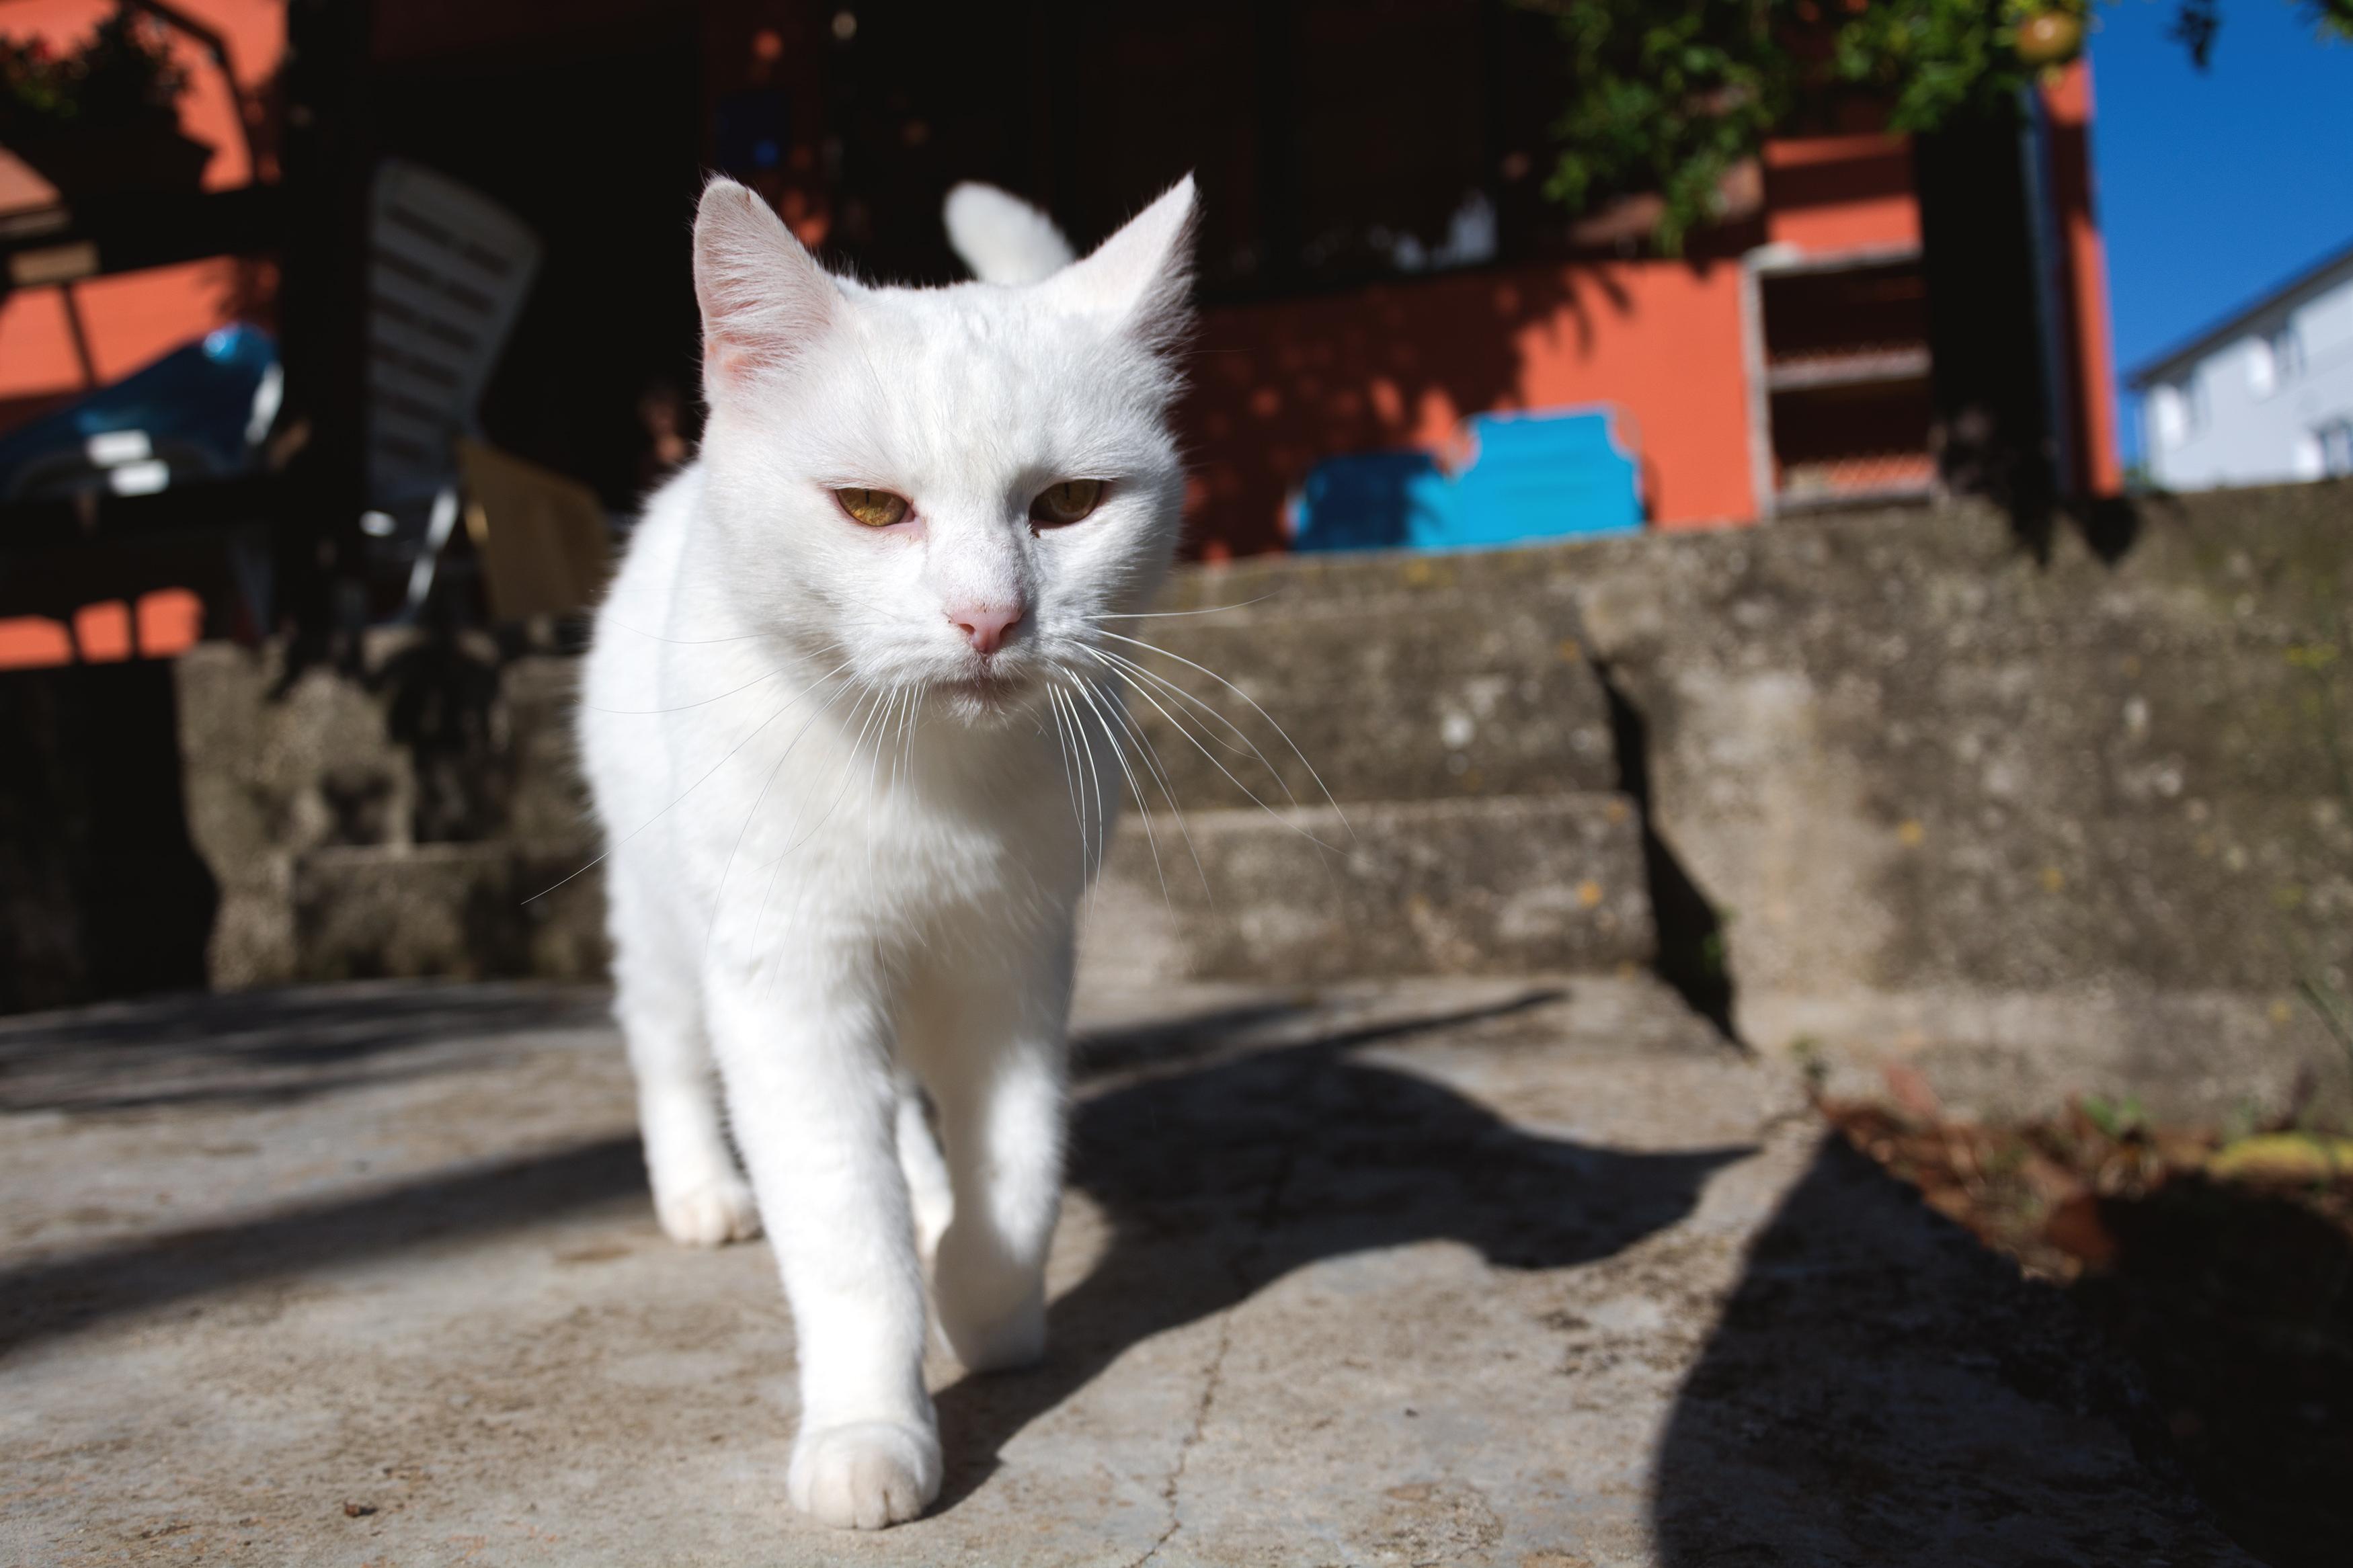 White Cat Free Stock Photo Libreshot